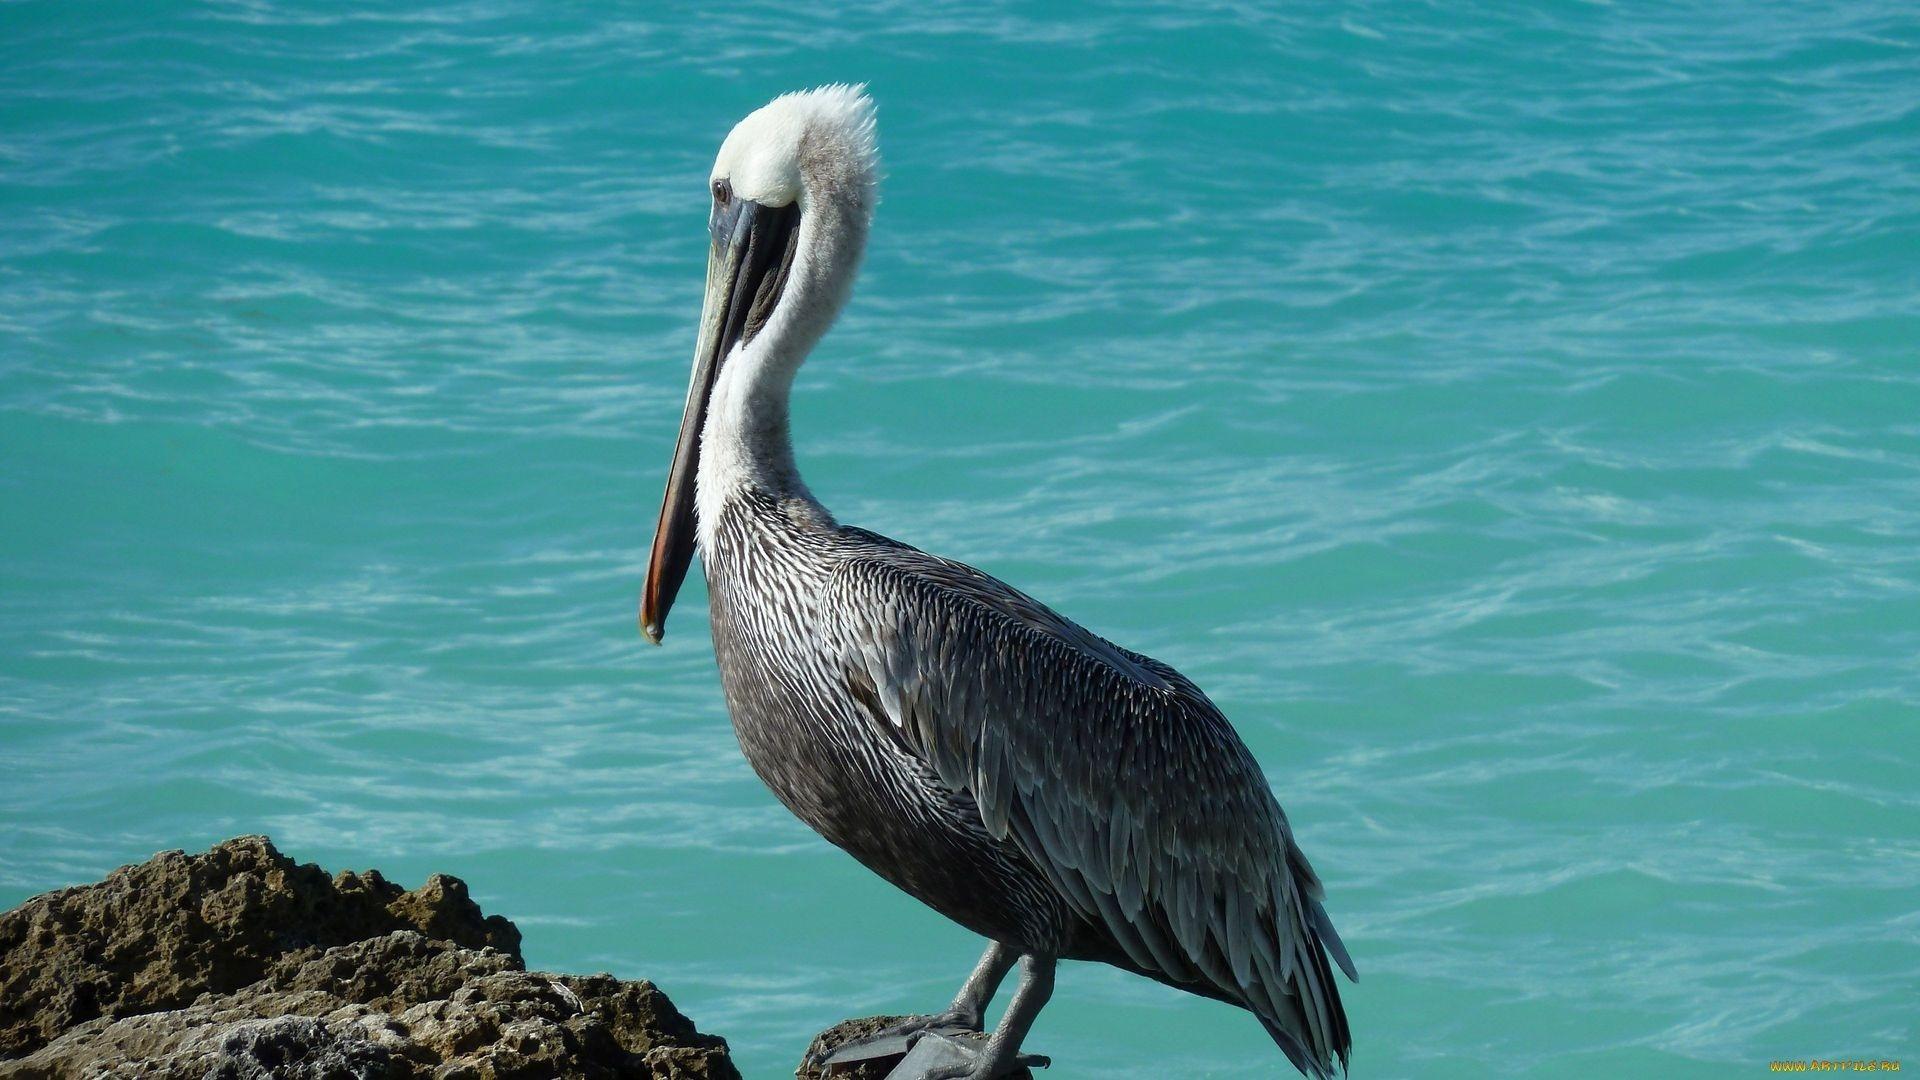 Pelican desktop wallpaper hd